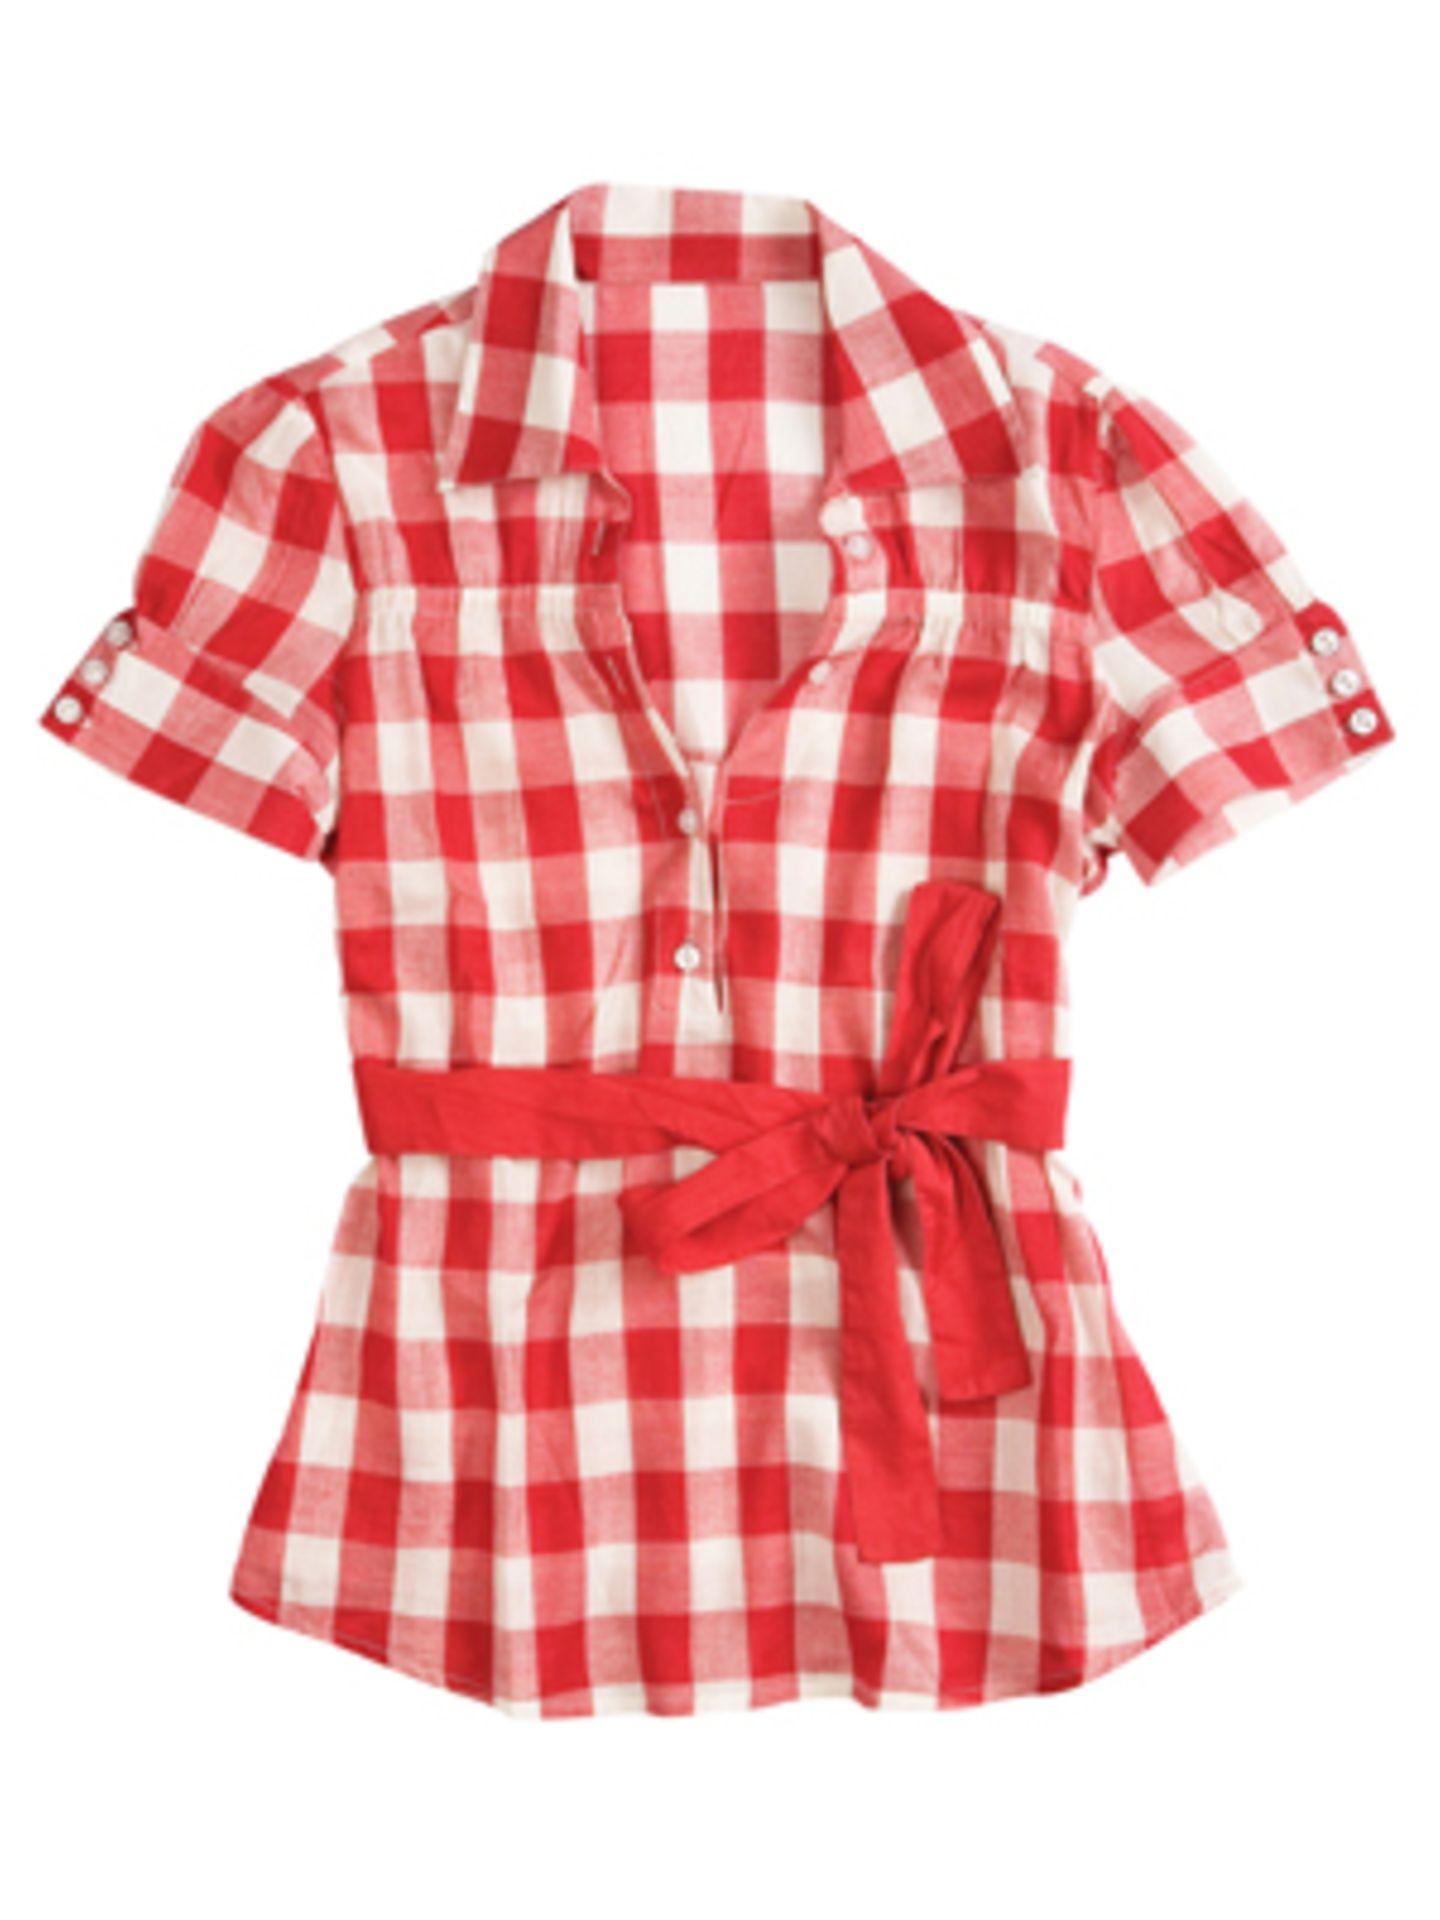 Kurzärmelige Karo-Bluse in Rot mit breitem Band in der Taille von Colin's, um 30 Euro.